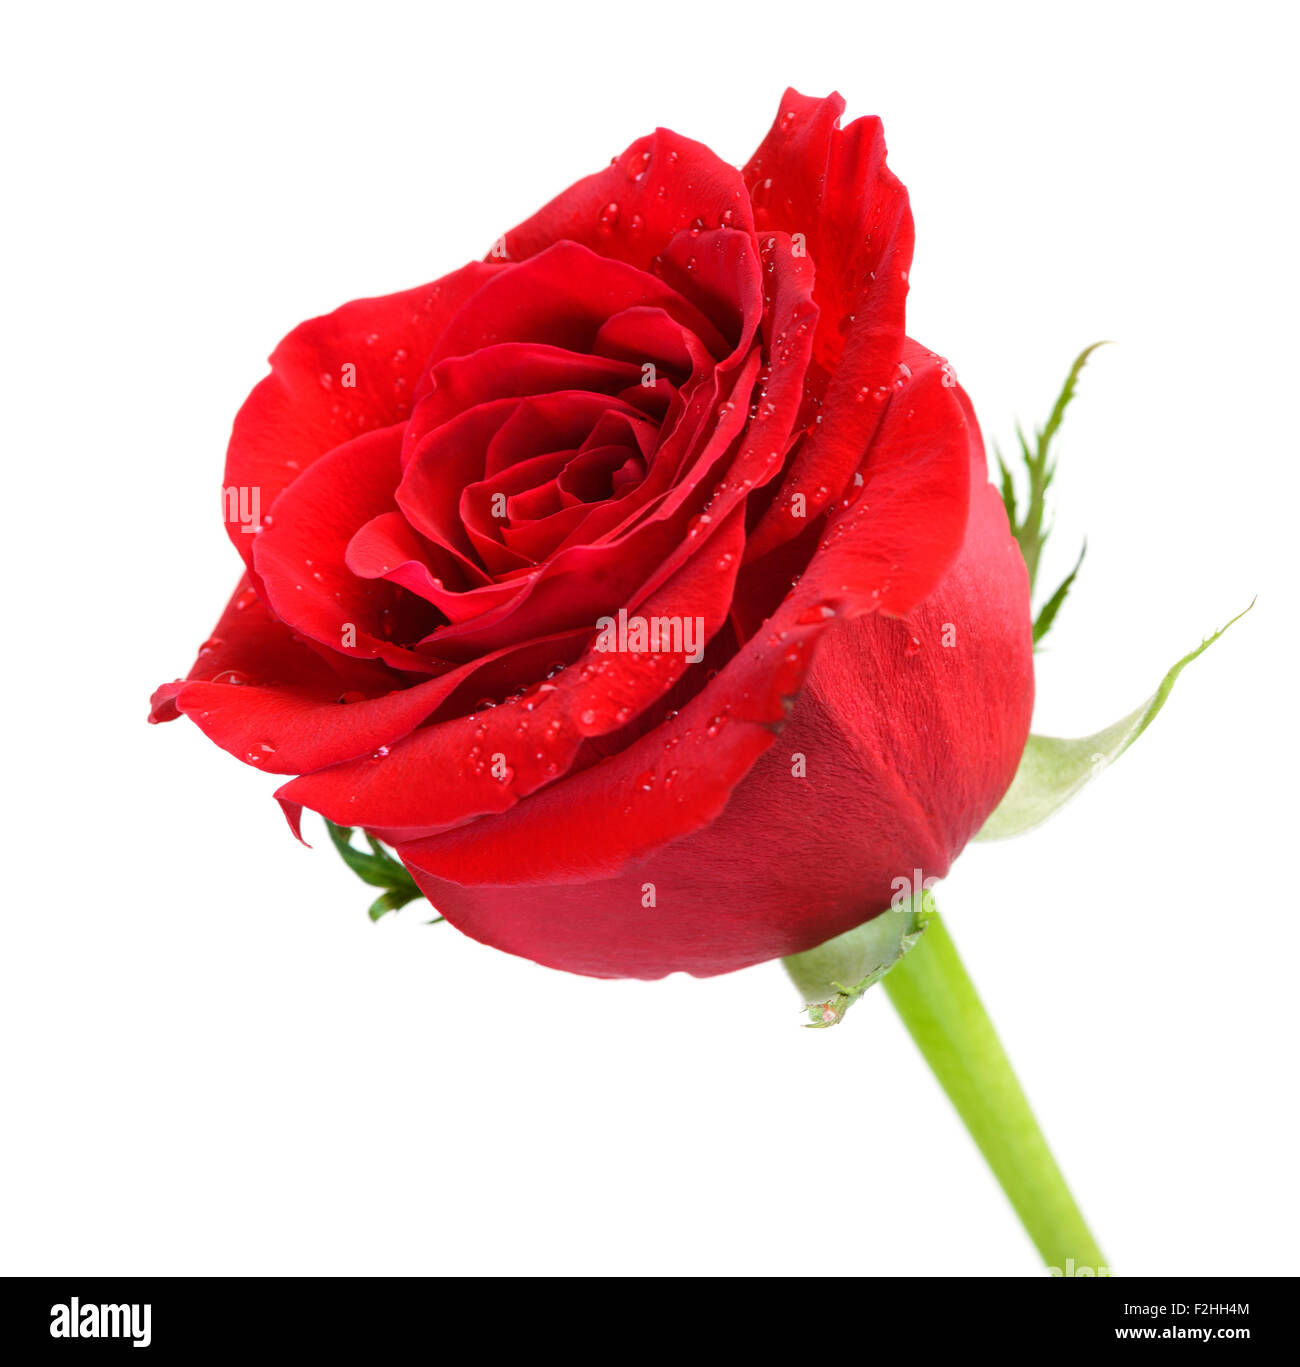 Perfetto red rose isolato su bianco Immagini Stock